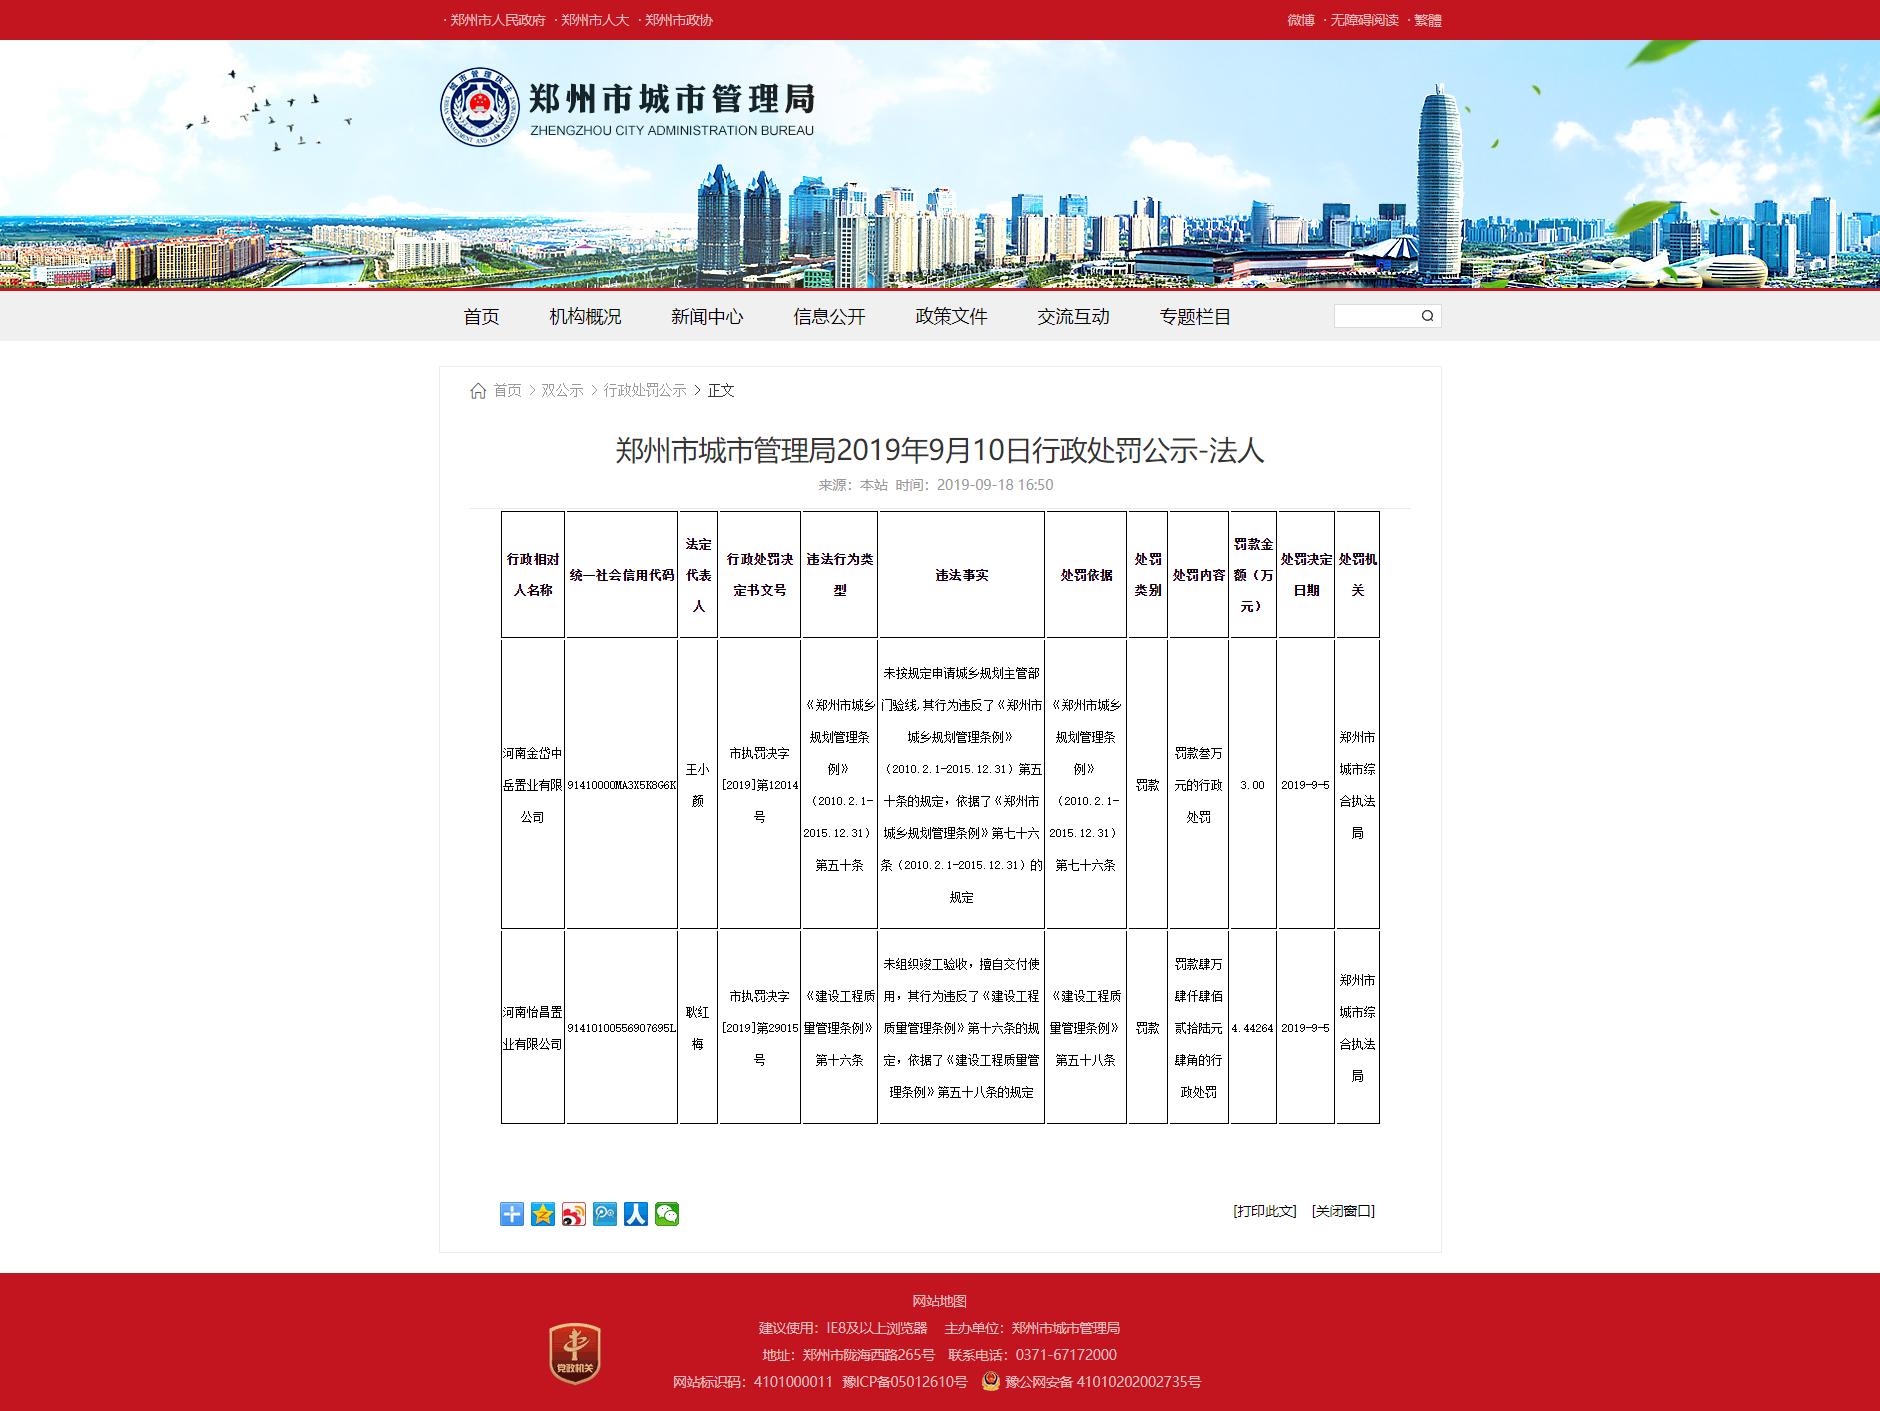 郑州市城市管理局2019年9月10日行政处罚公示-法人 - 郑州市城市管理局.png